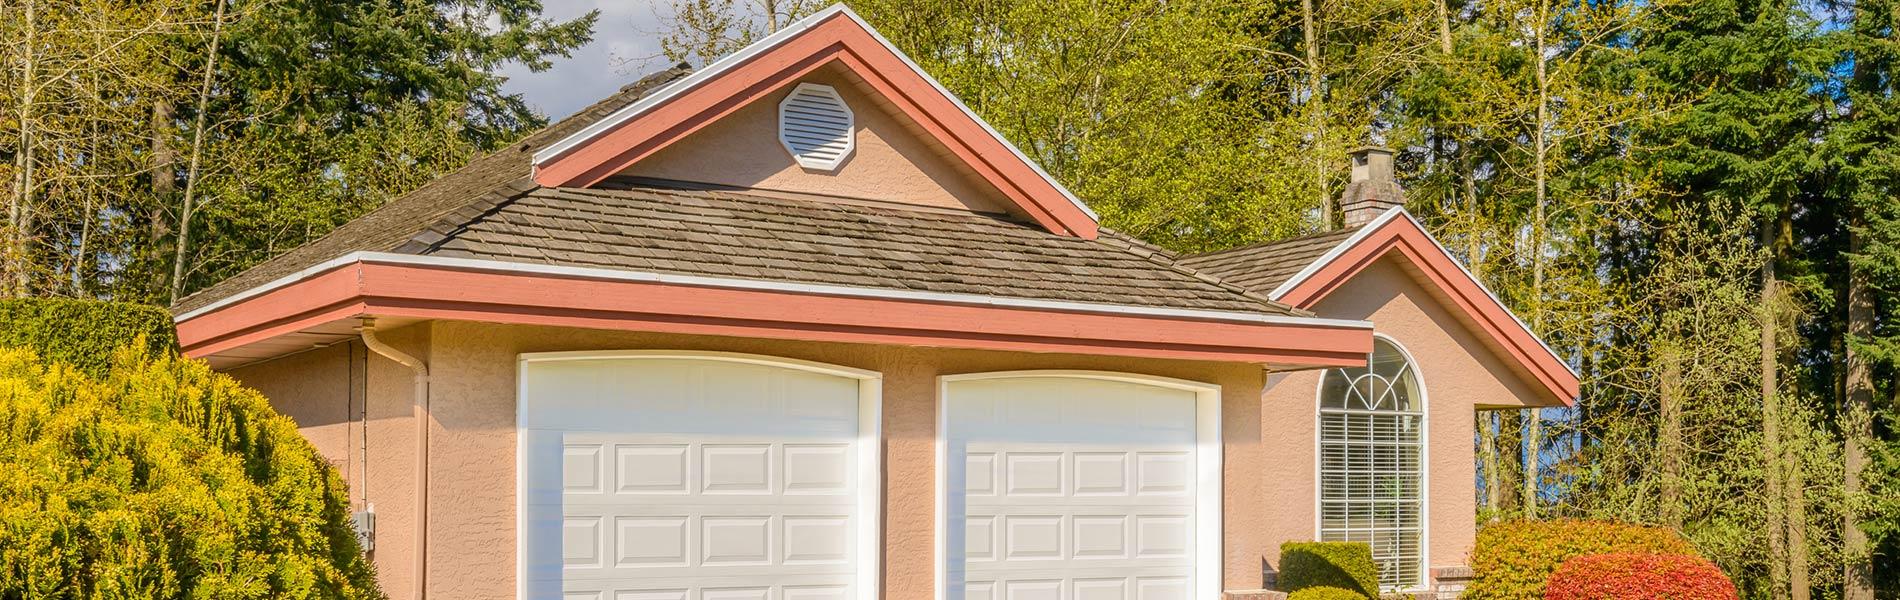 ... Capitol Garage Doors, Renton, WA 425 440 0486